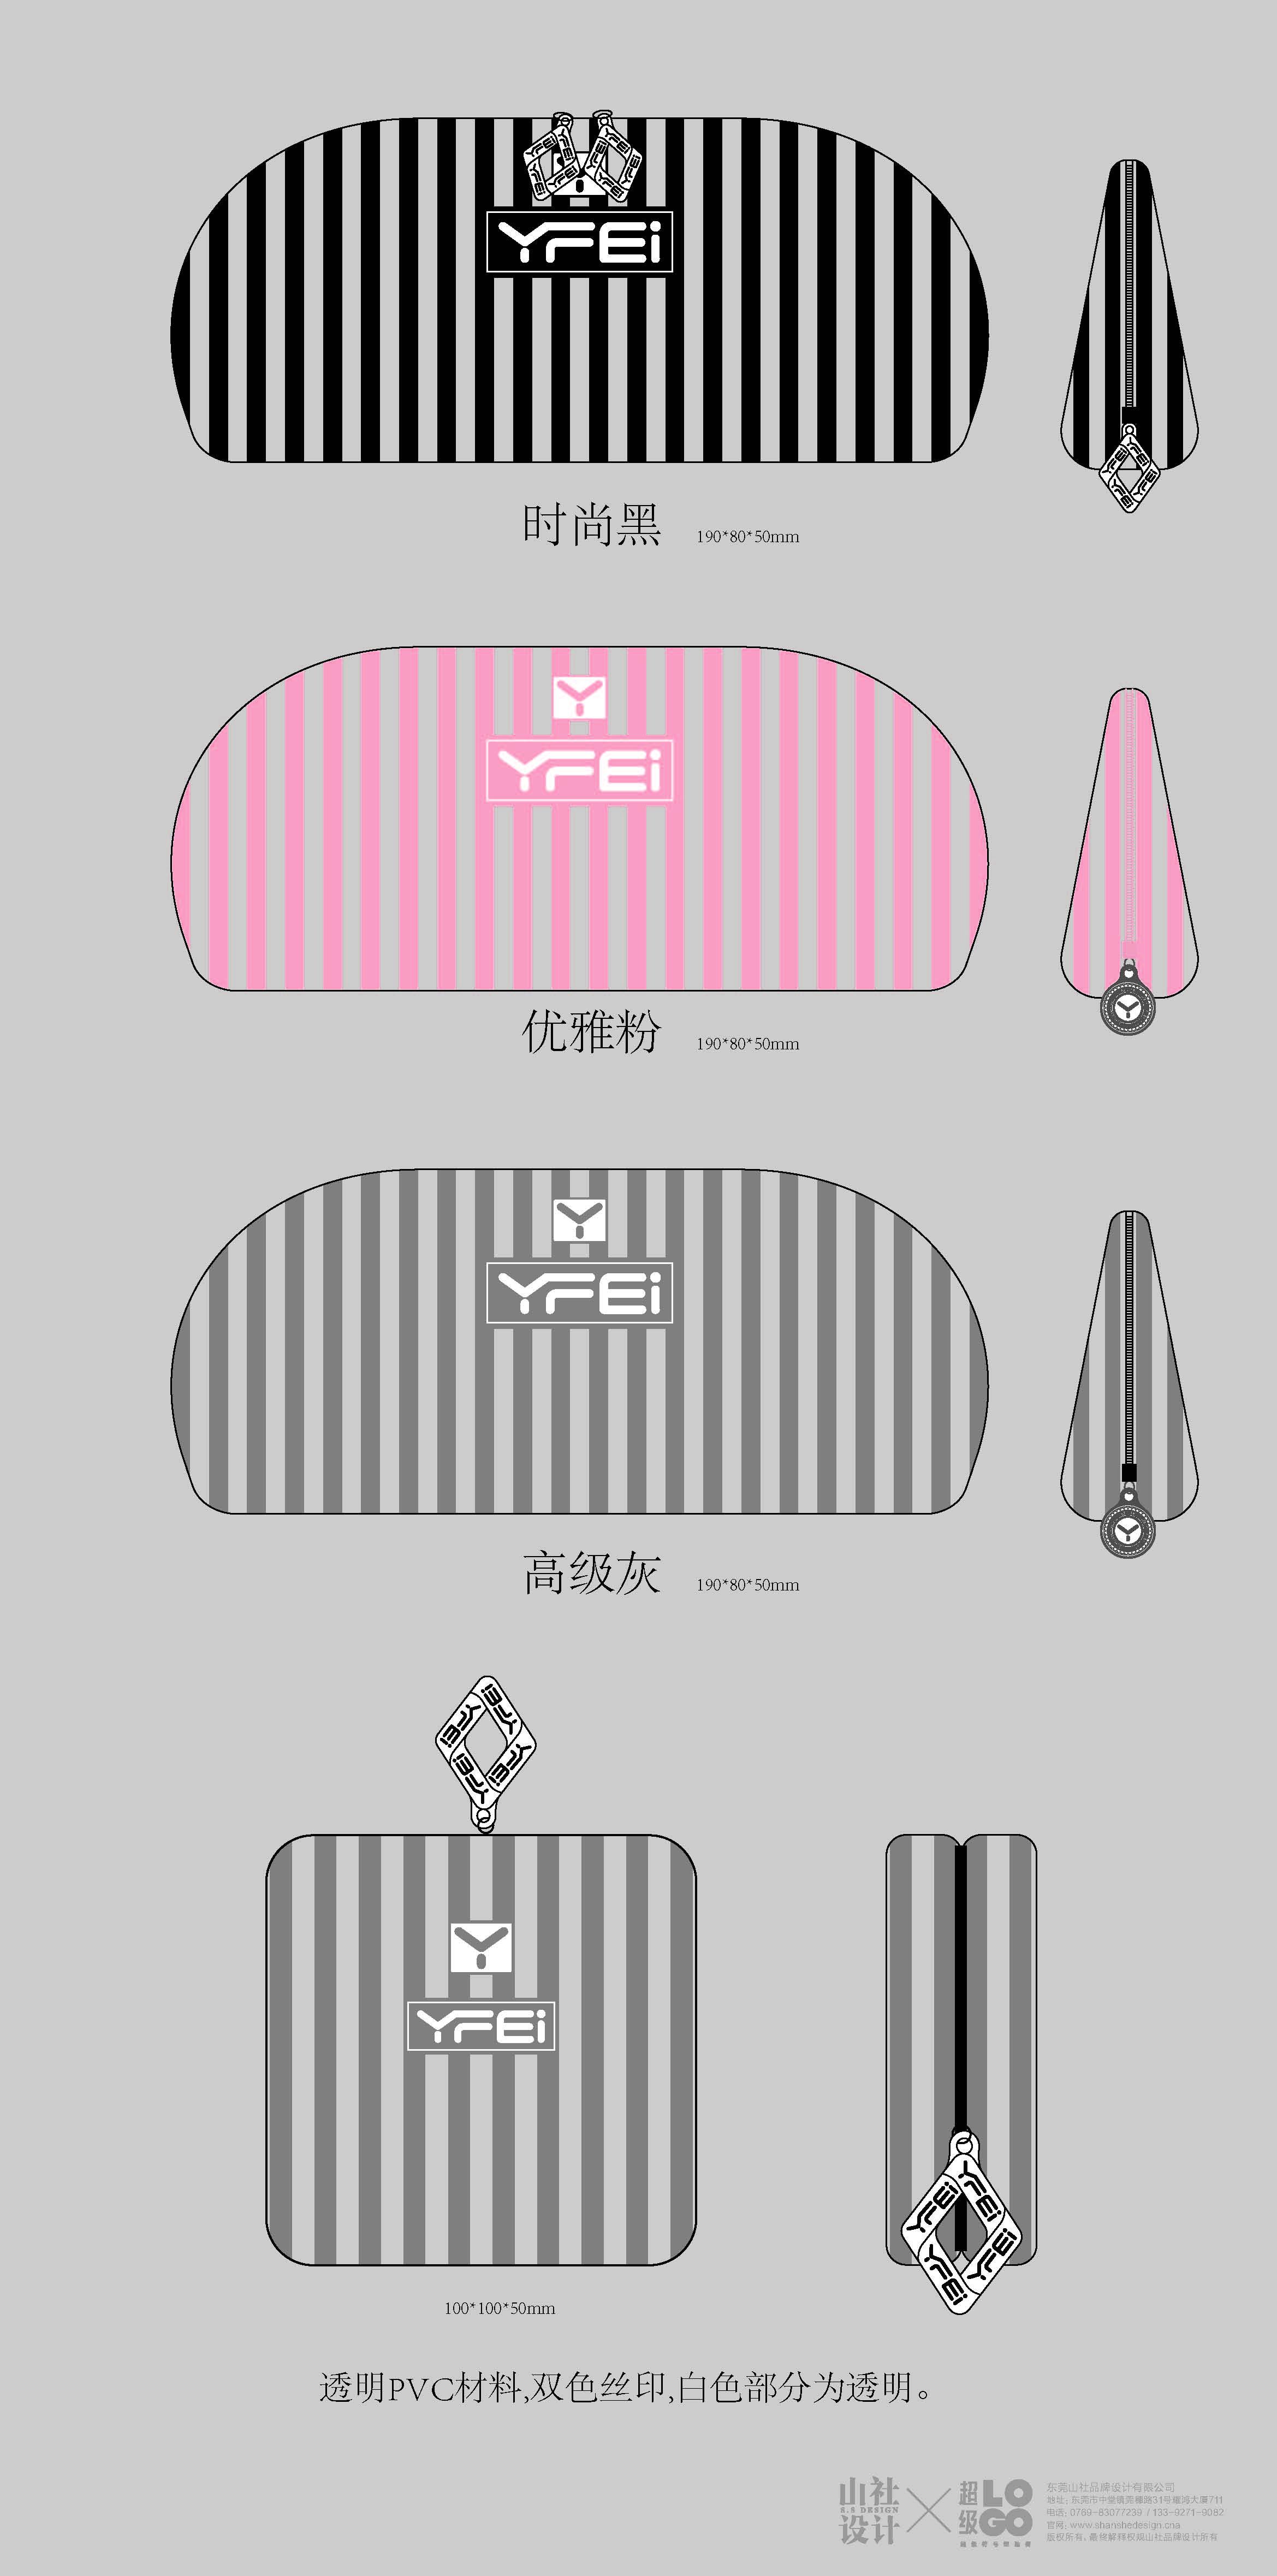 手袋产品设计_页面_1